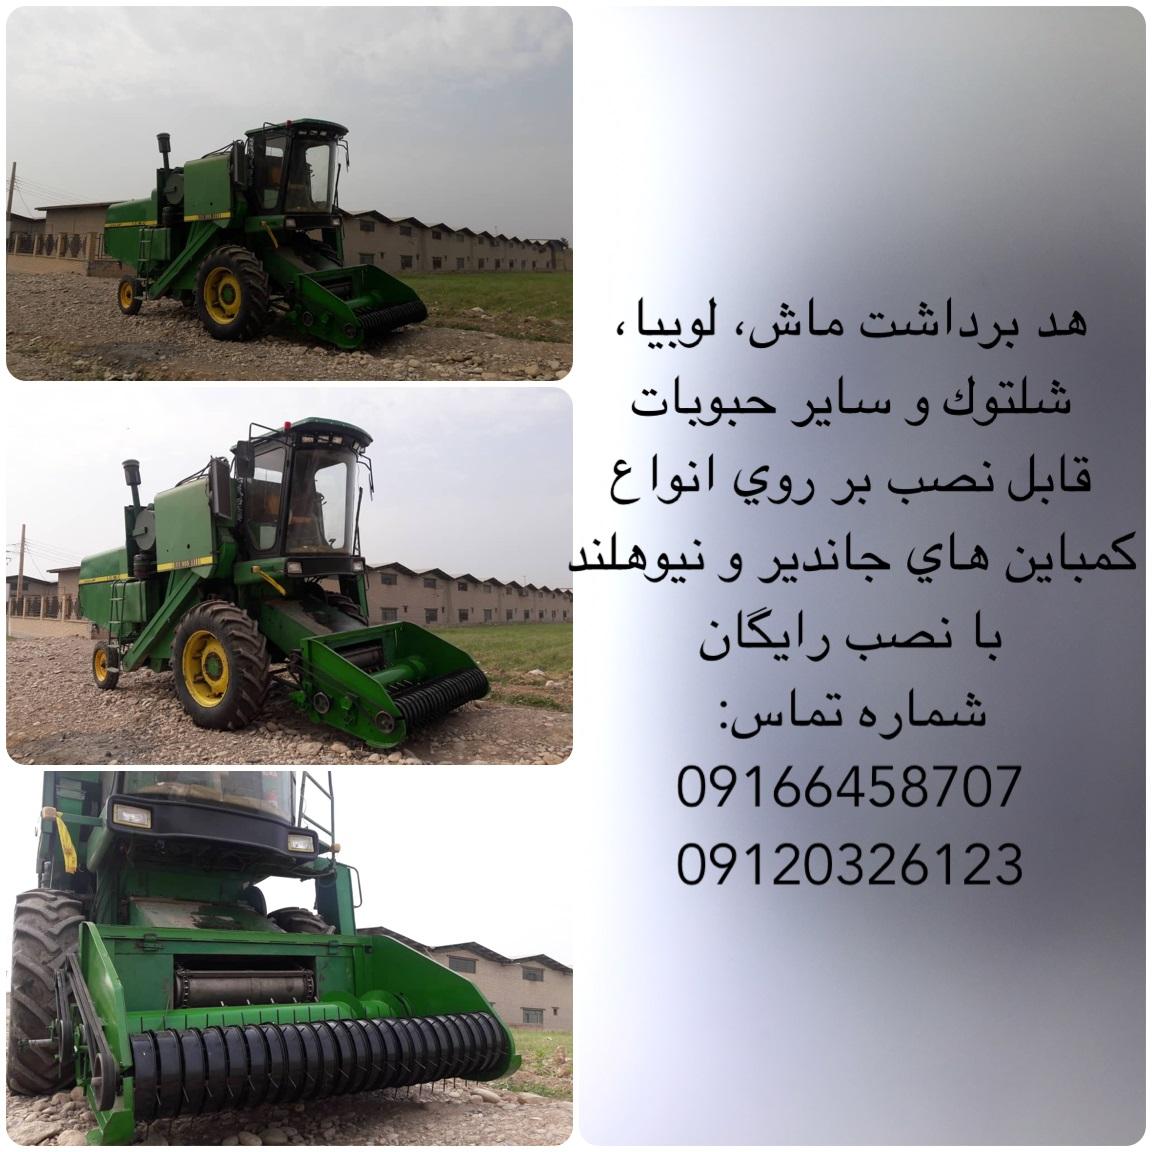 ساخت و تولید قطعات کشاورزی